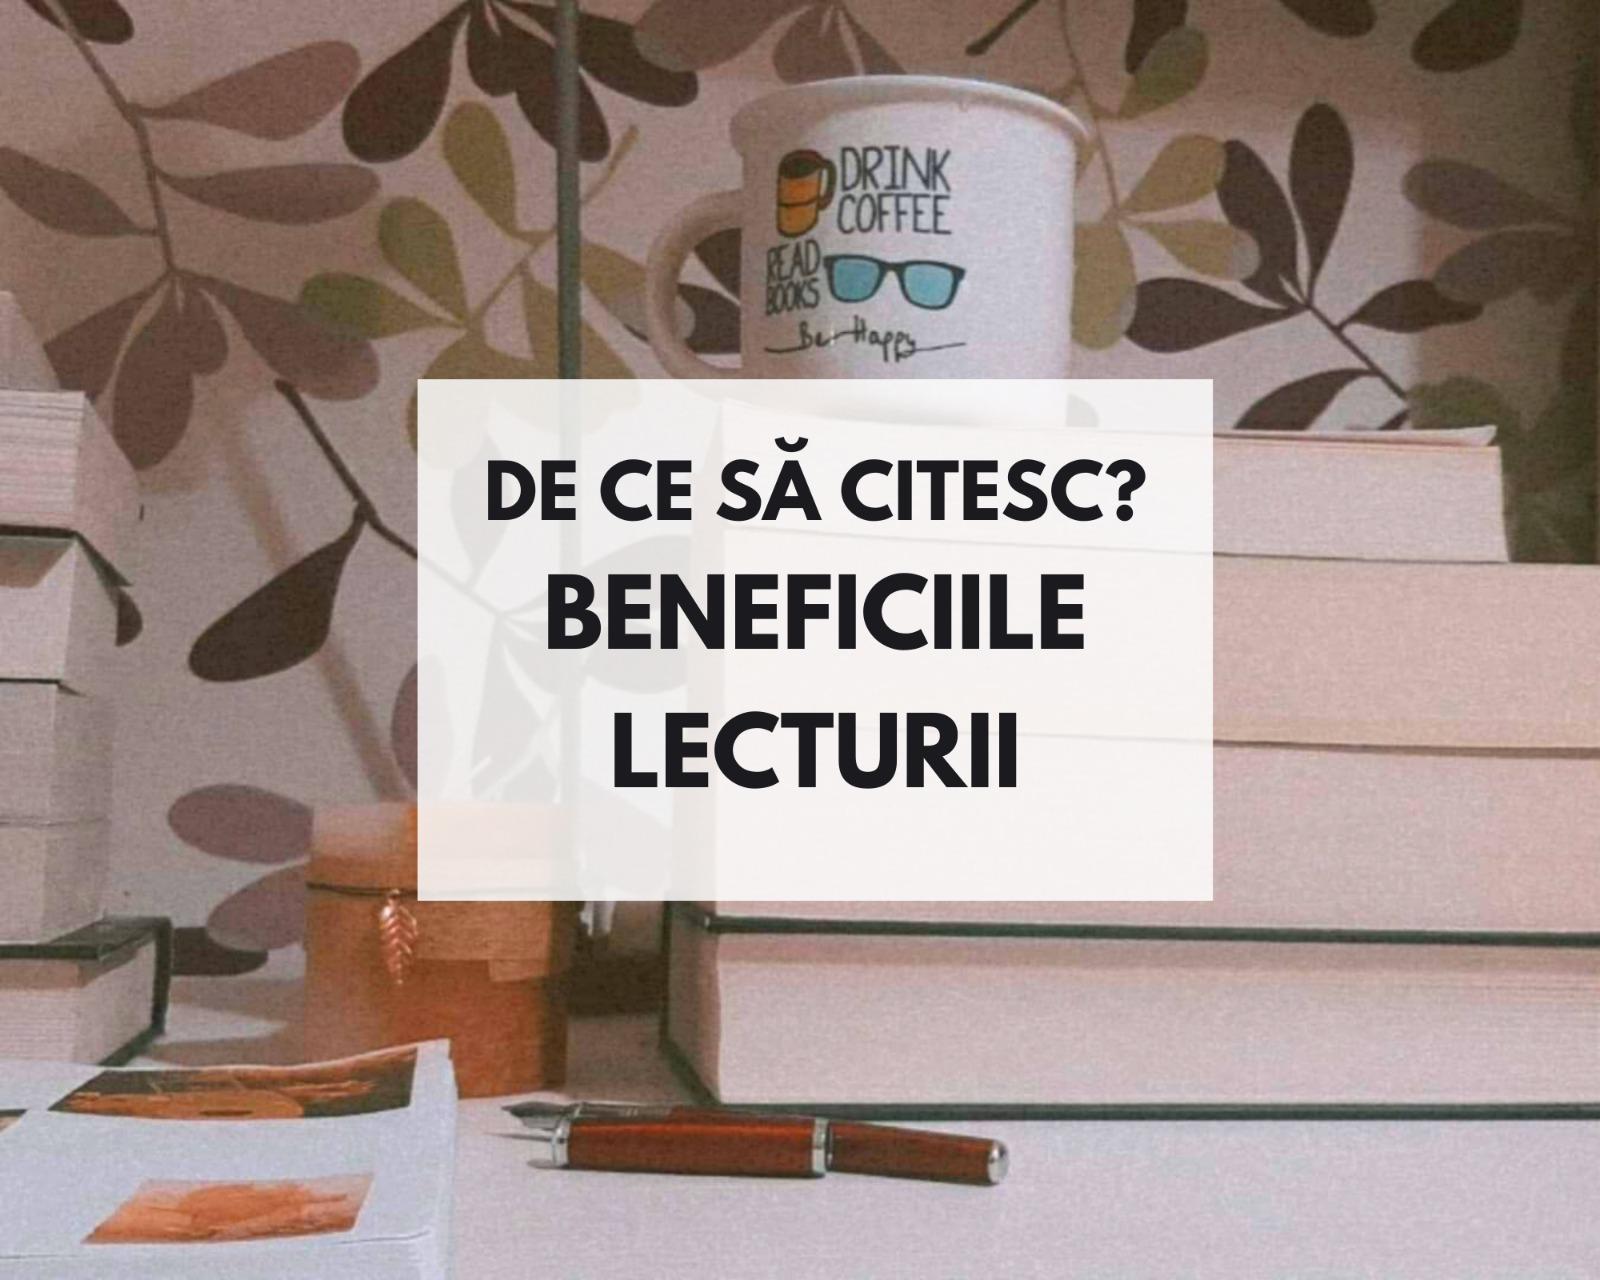 De ce să citesc? Beneficiile aduse de lectura unei cărți.